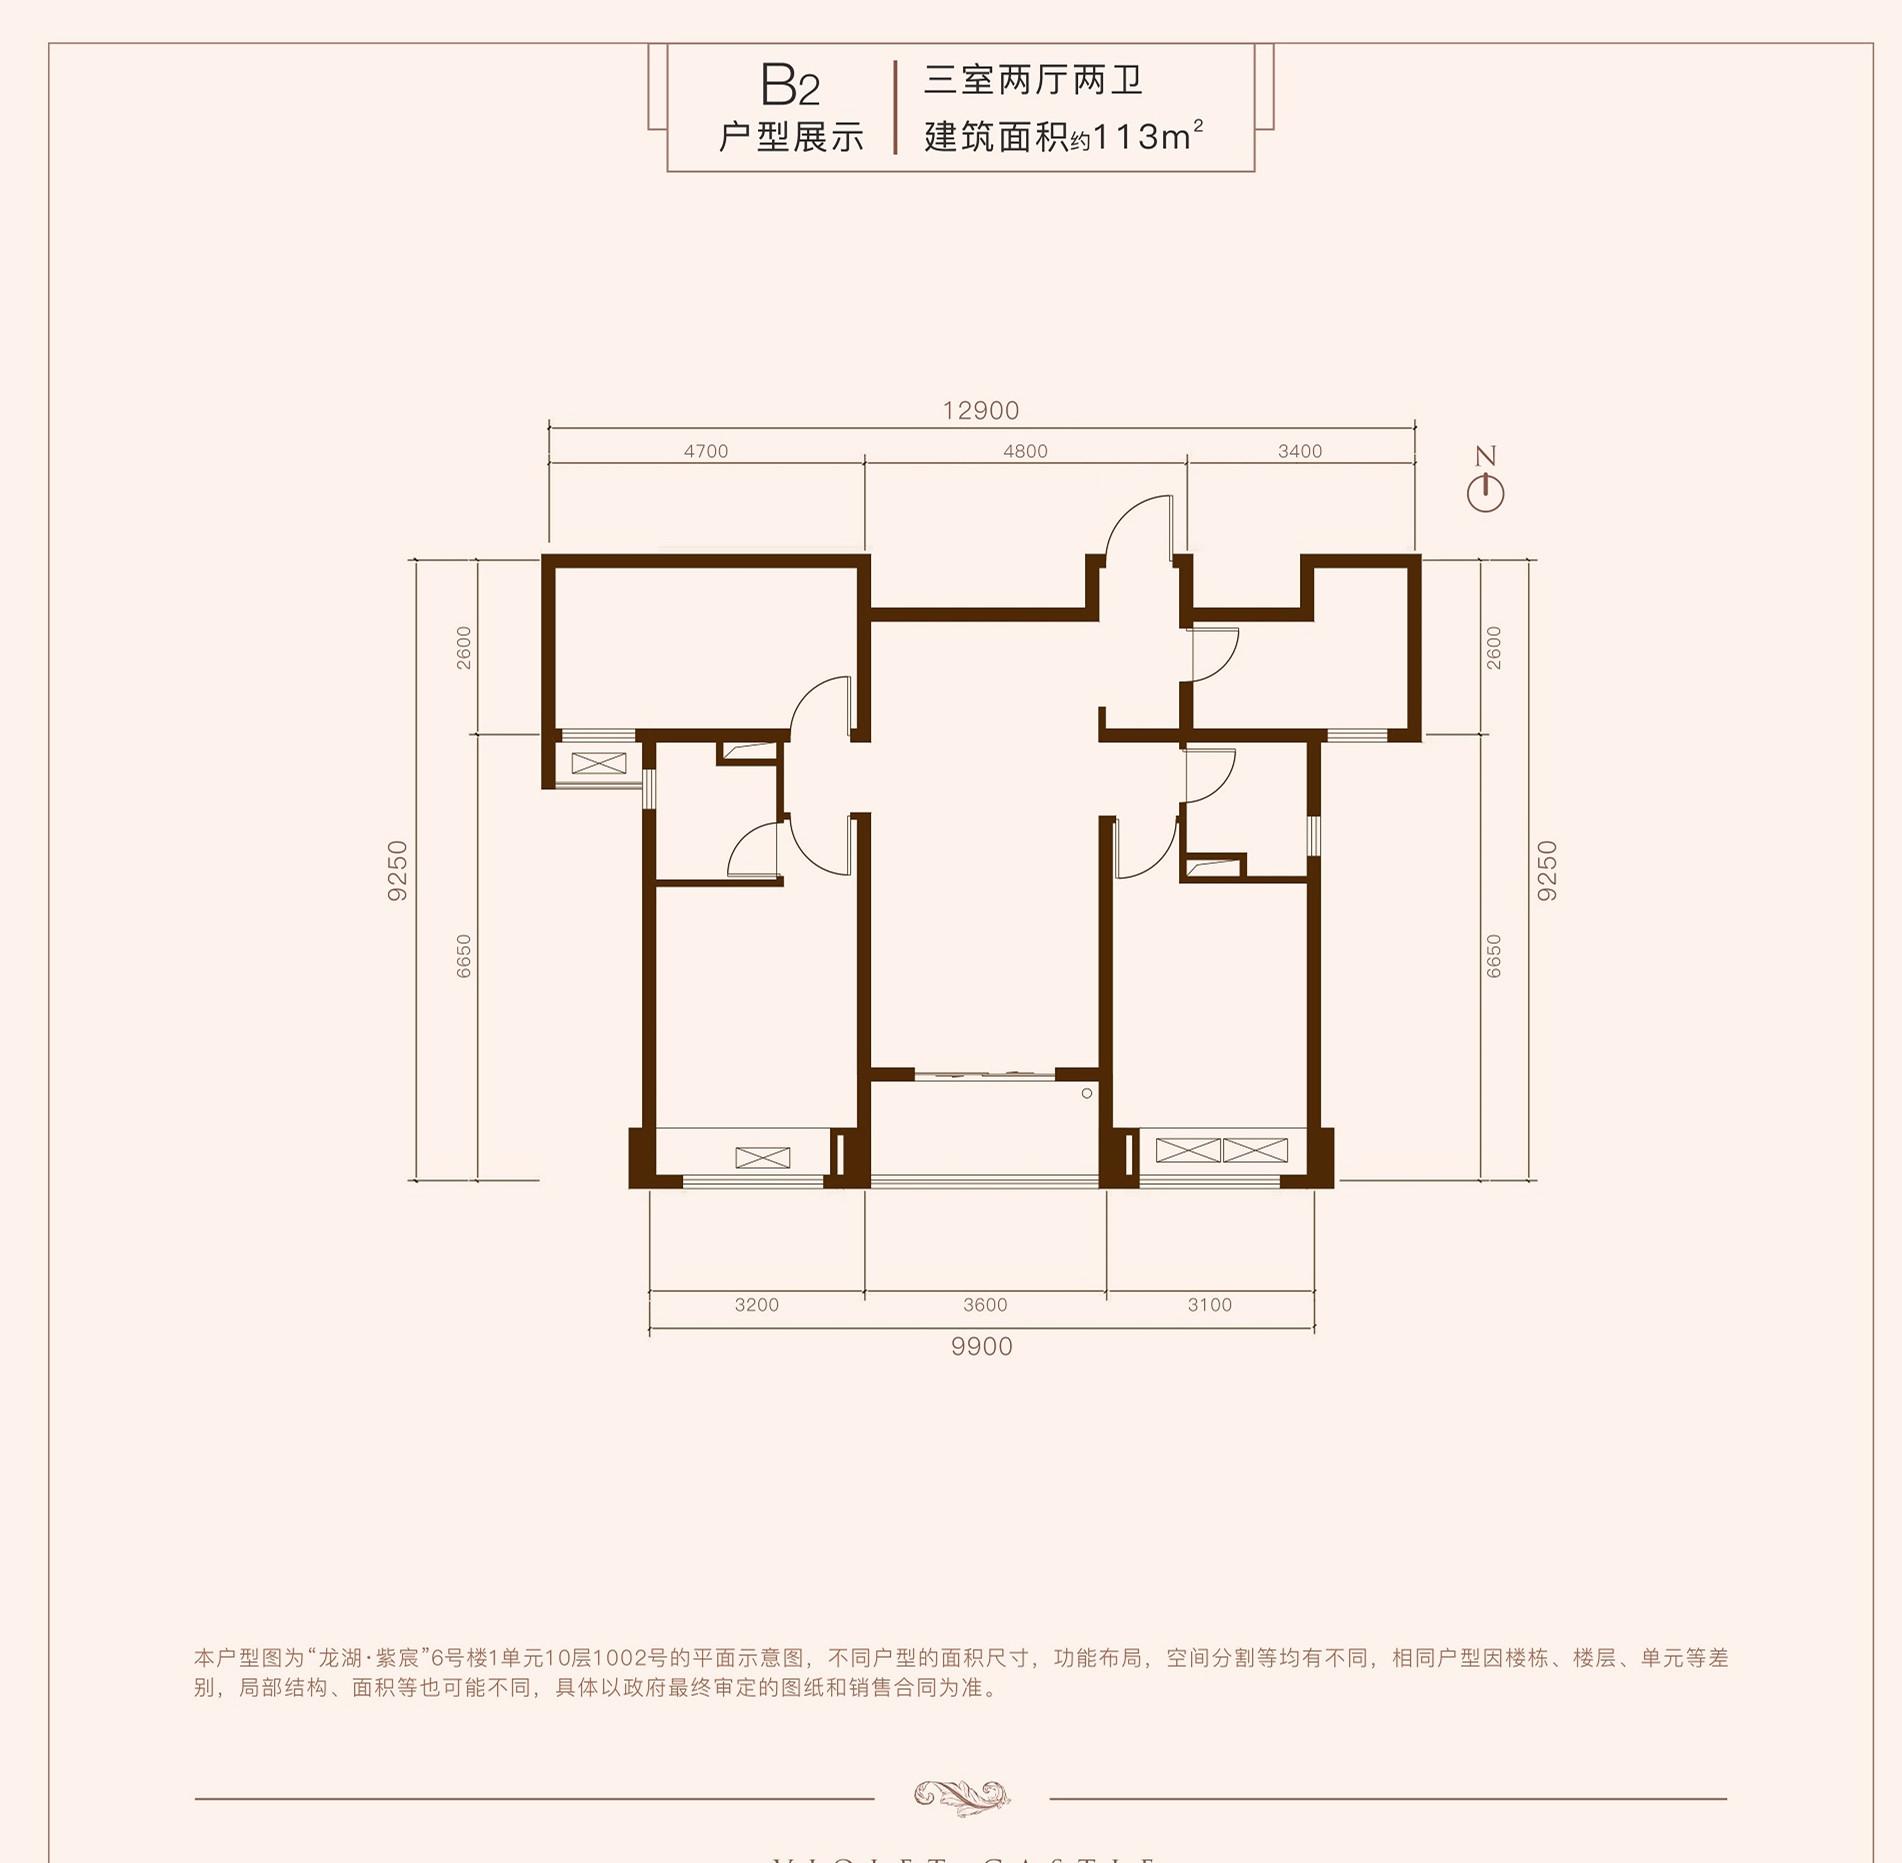 龙湖紫宸113㎡三室两厅两卫B2户型图